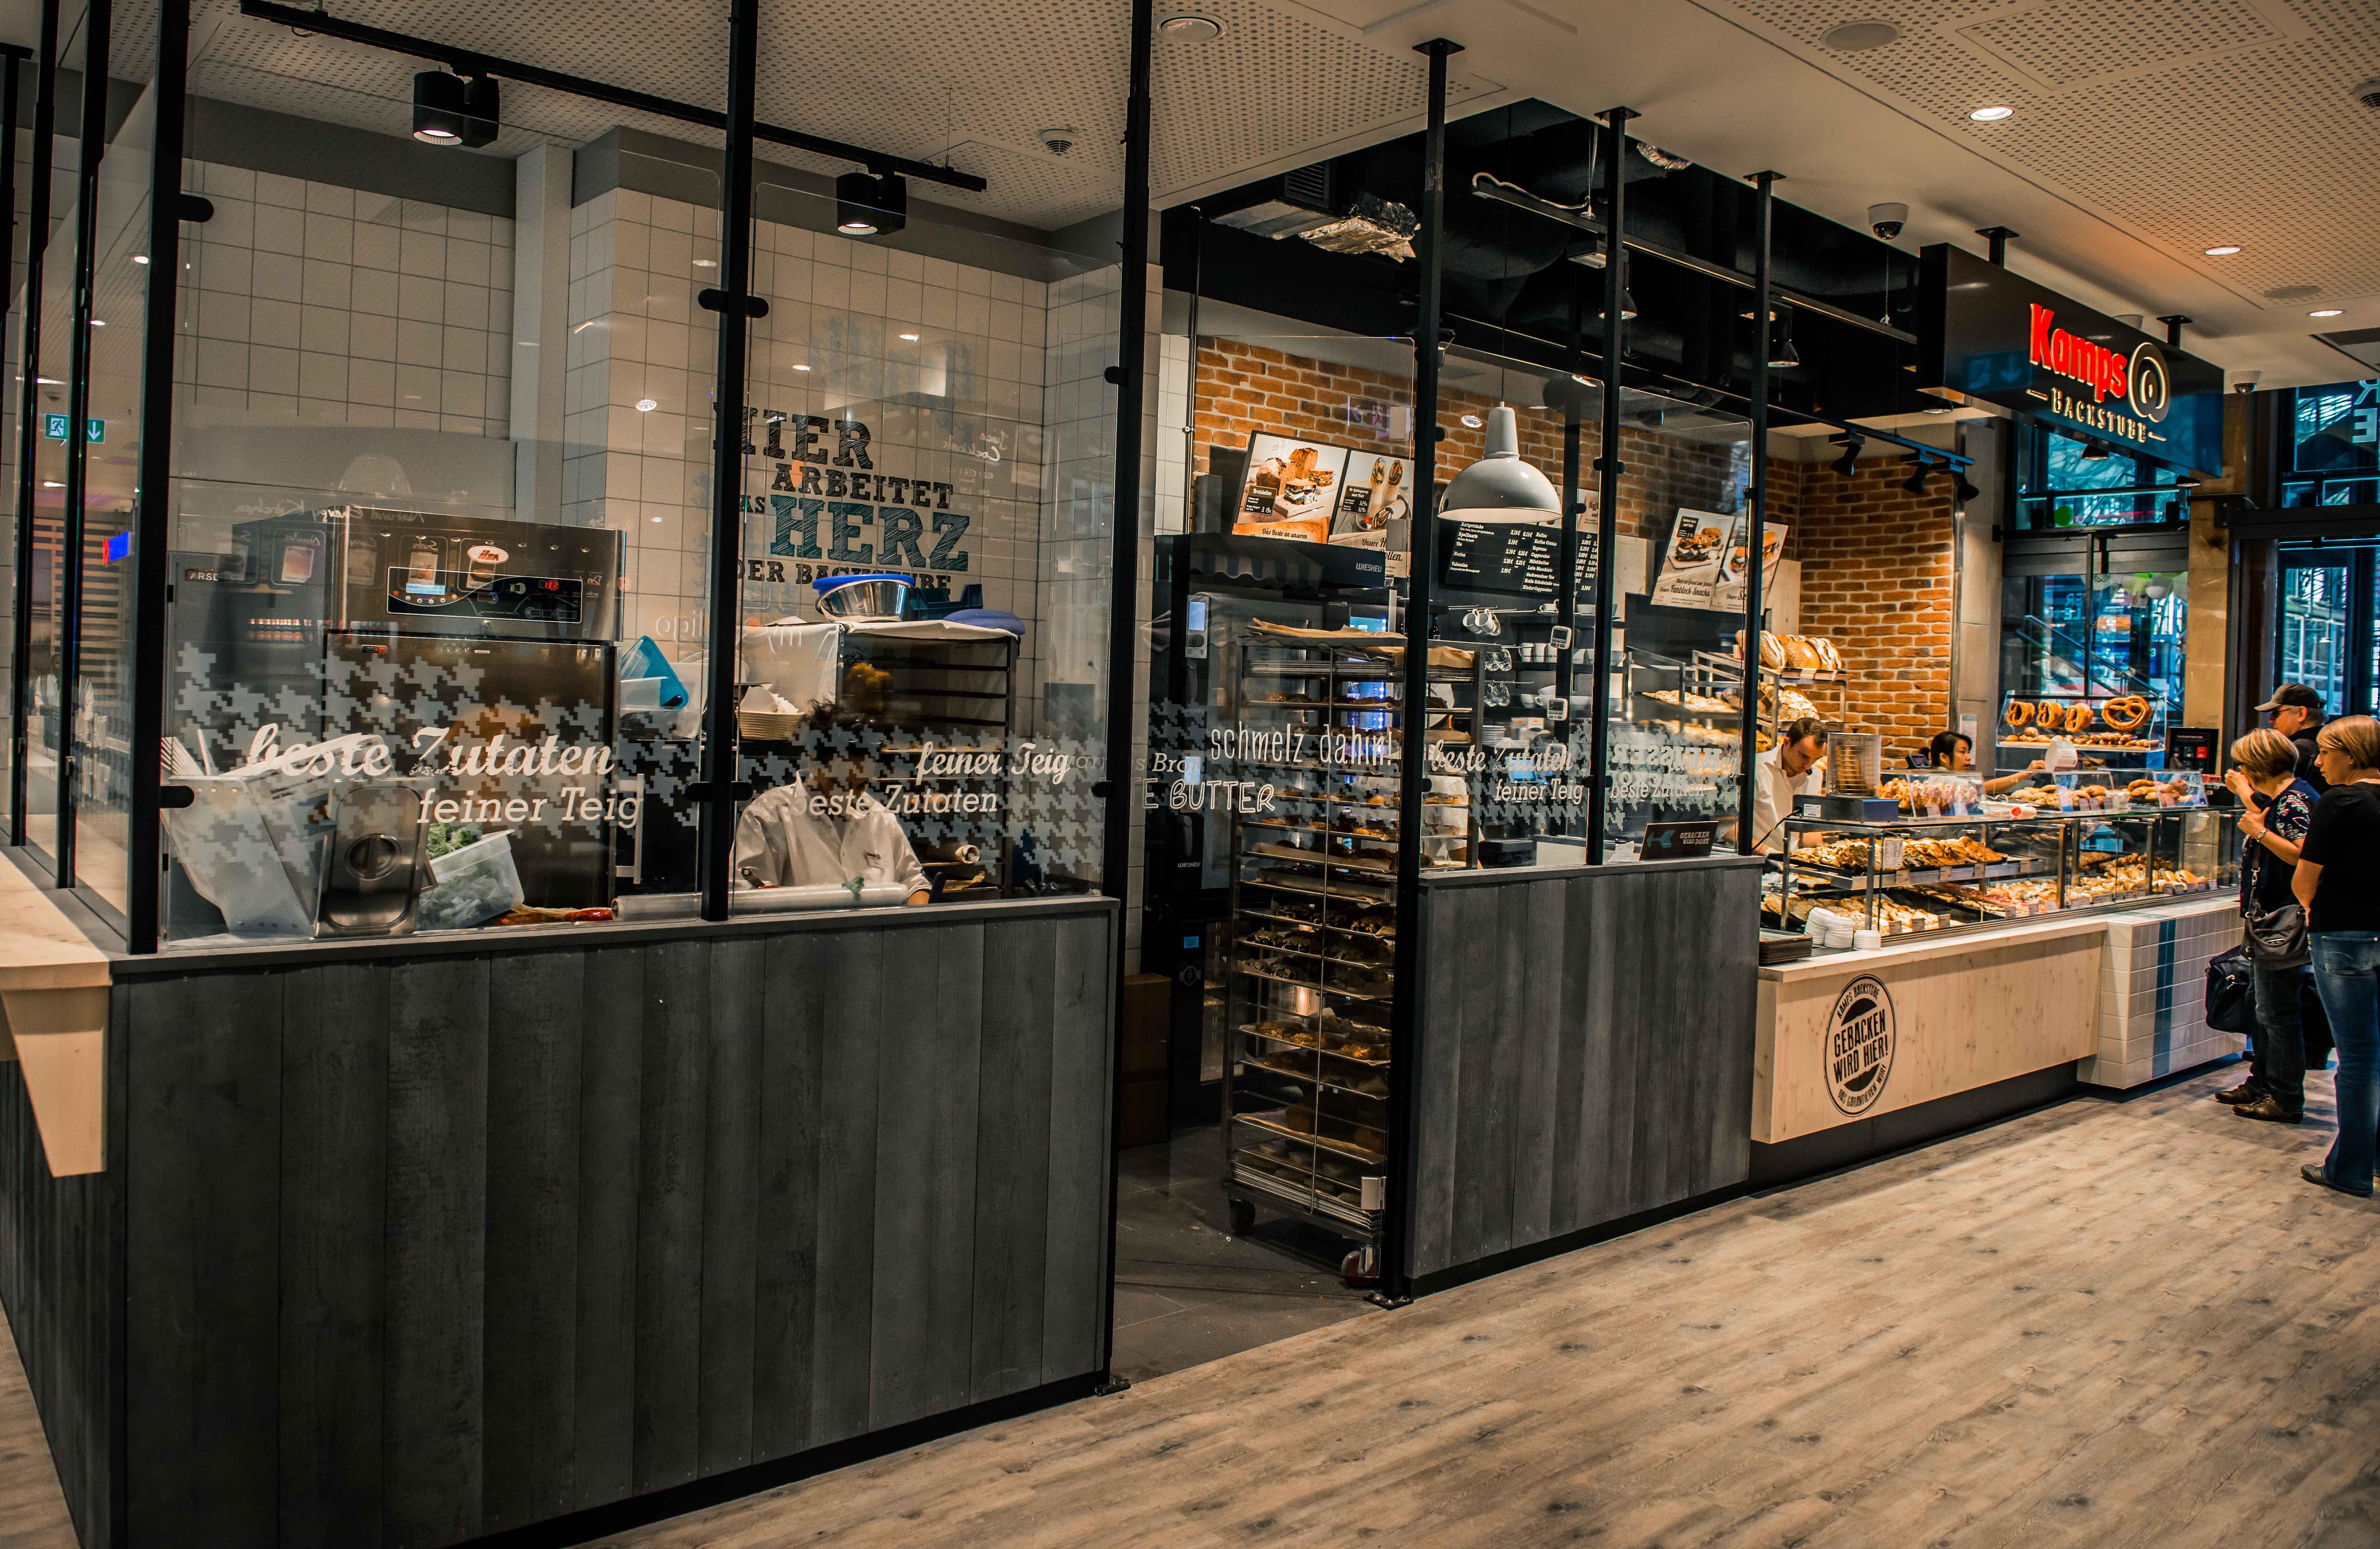 bars piano bars schenken pubs und cybercafes in frankfurt am main ihre suche ergab 191. Black Bedroom Furniture Sets. Home Design Ideas